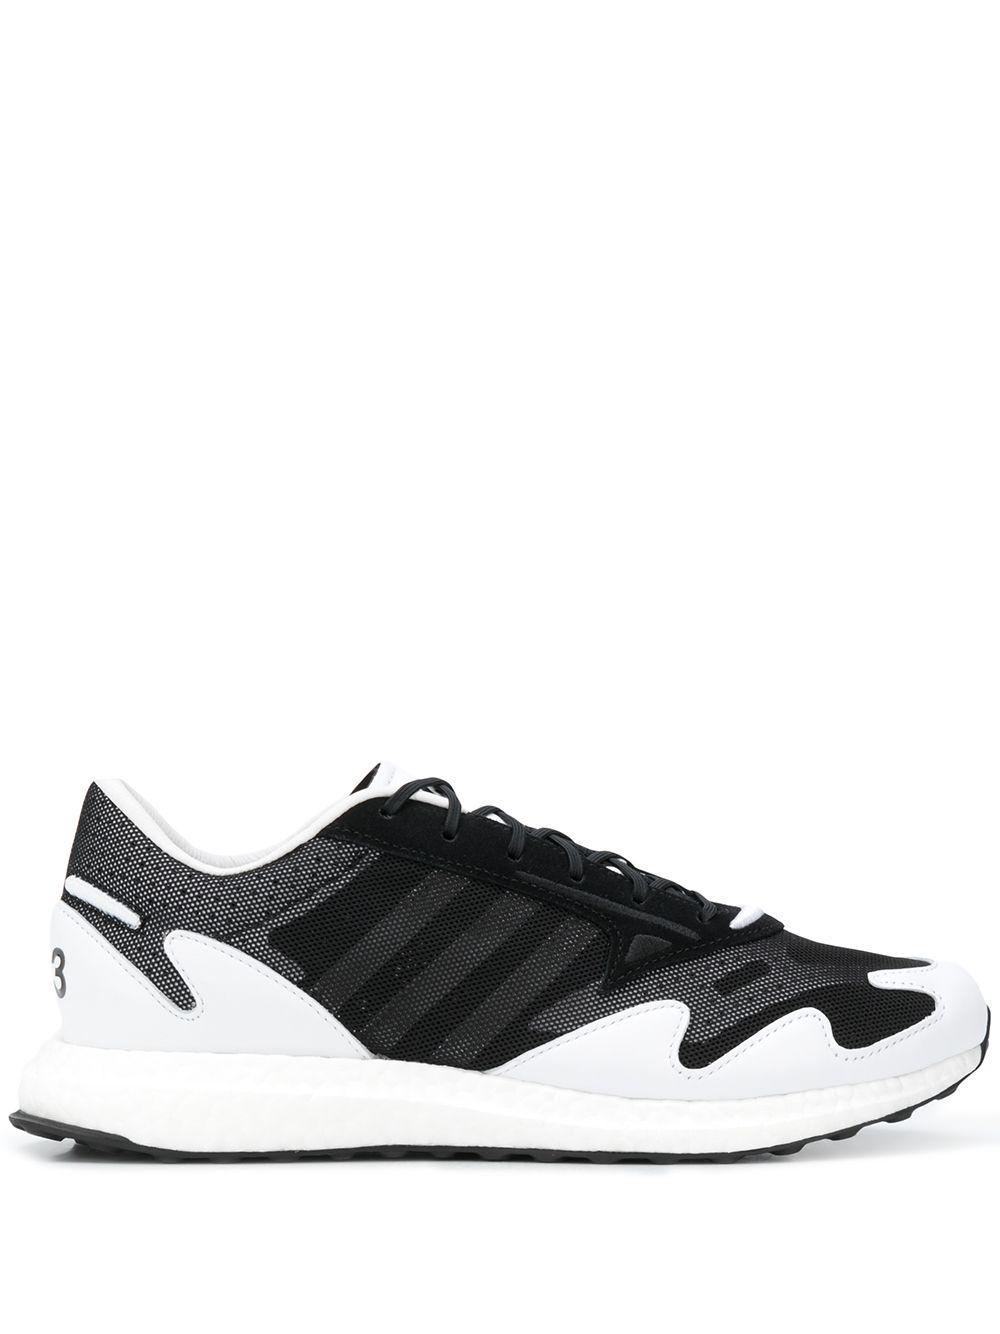 Rhisu Leather Sneakers